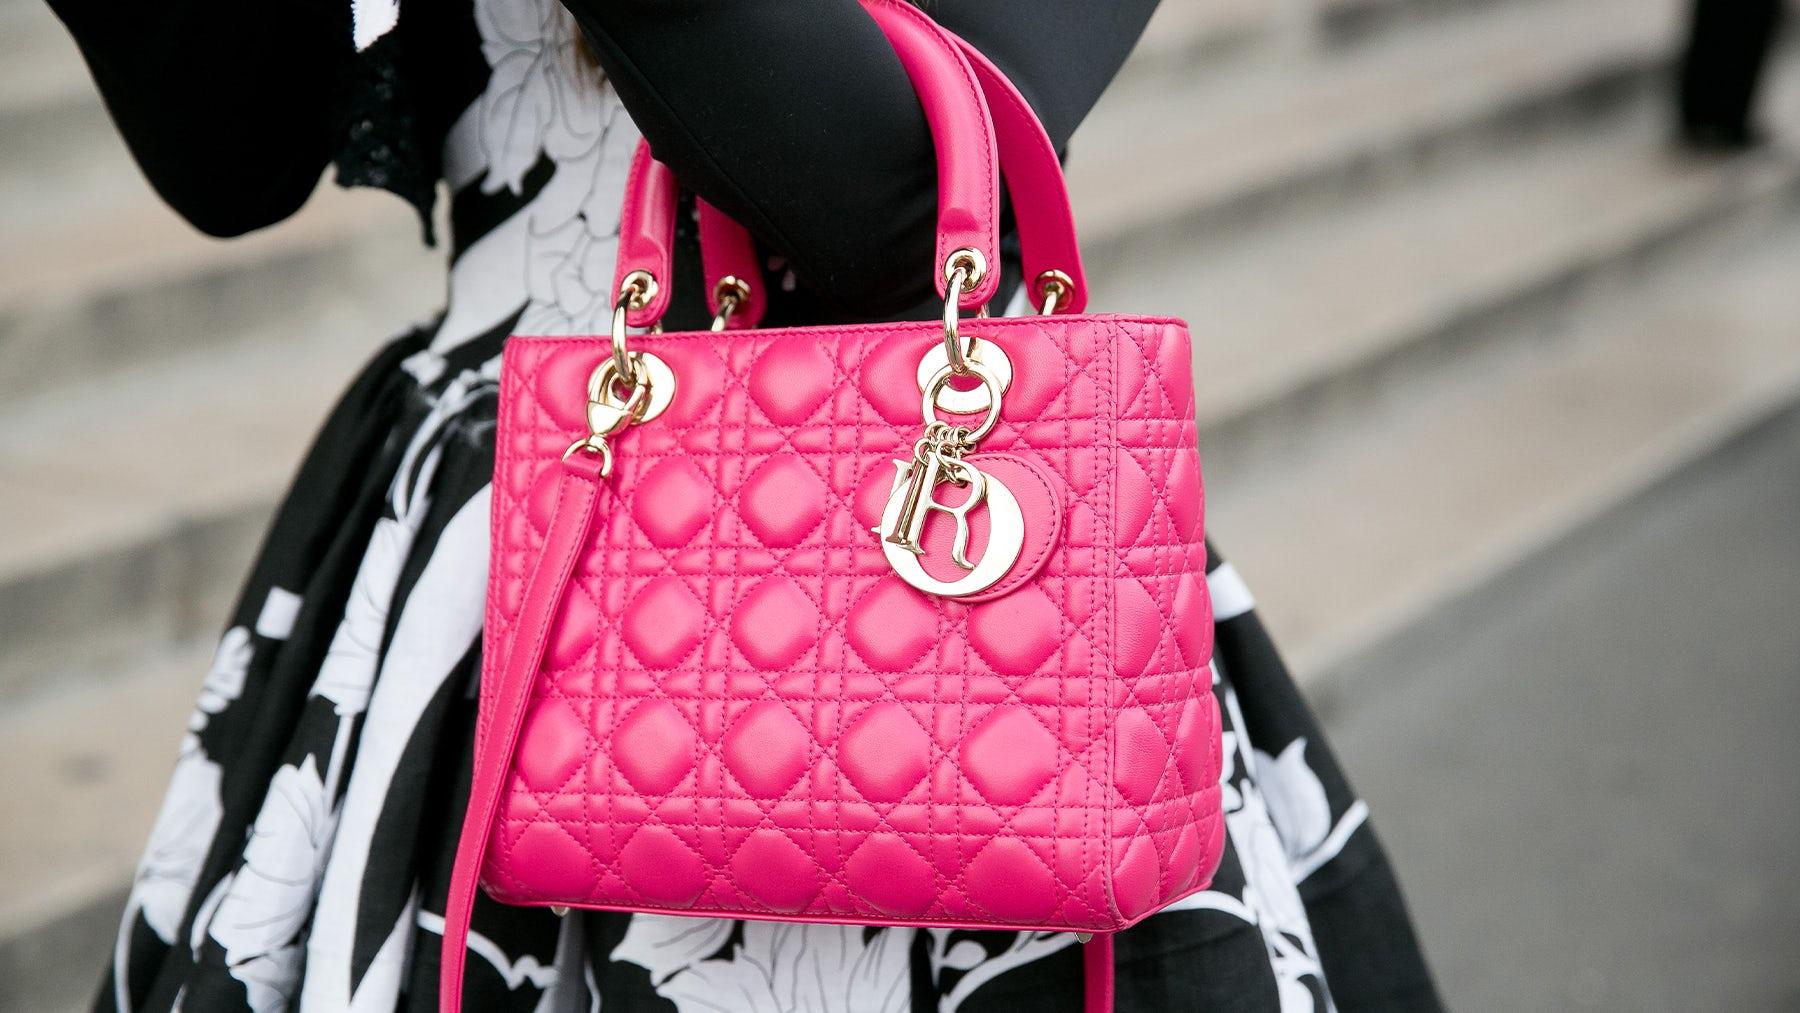 Dior handbag. Shutterstock.